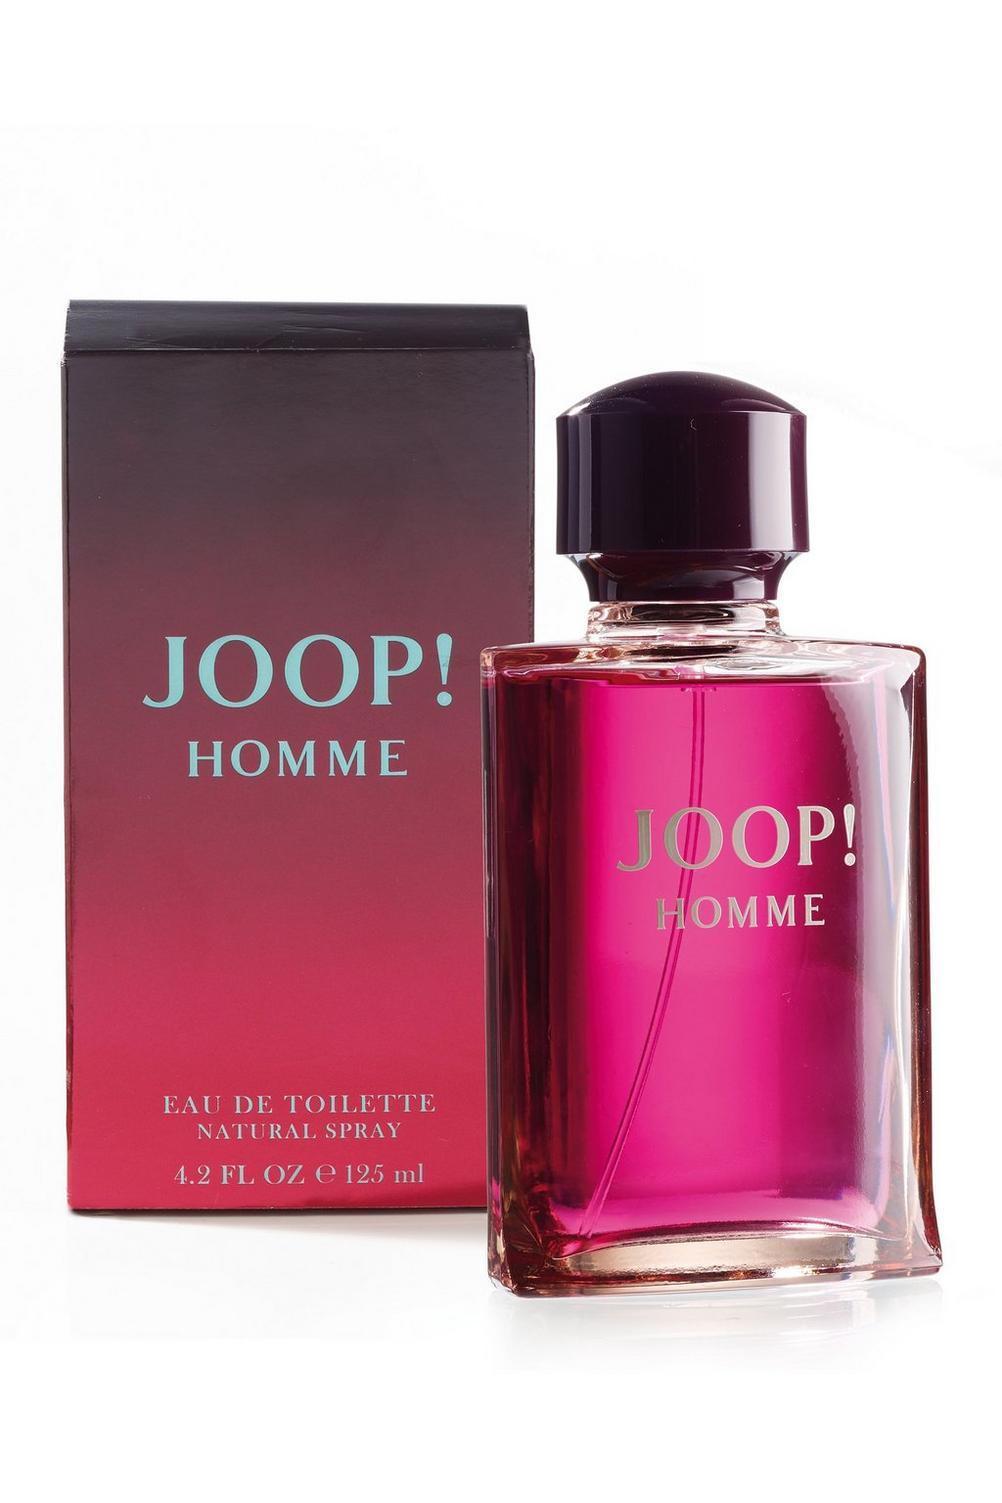 Joop! Homme | Studio